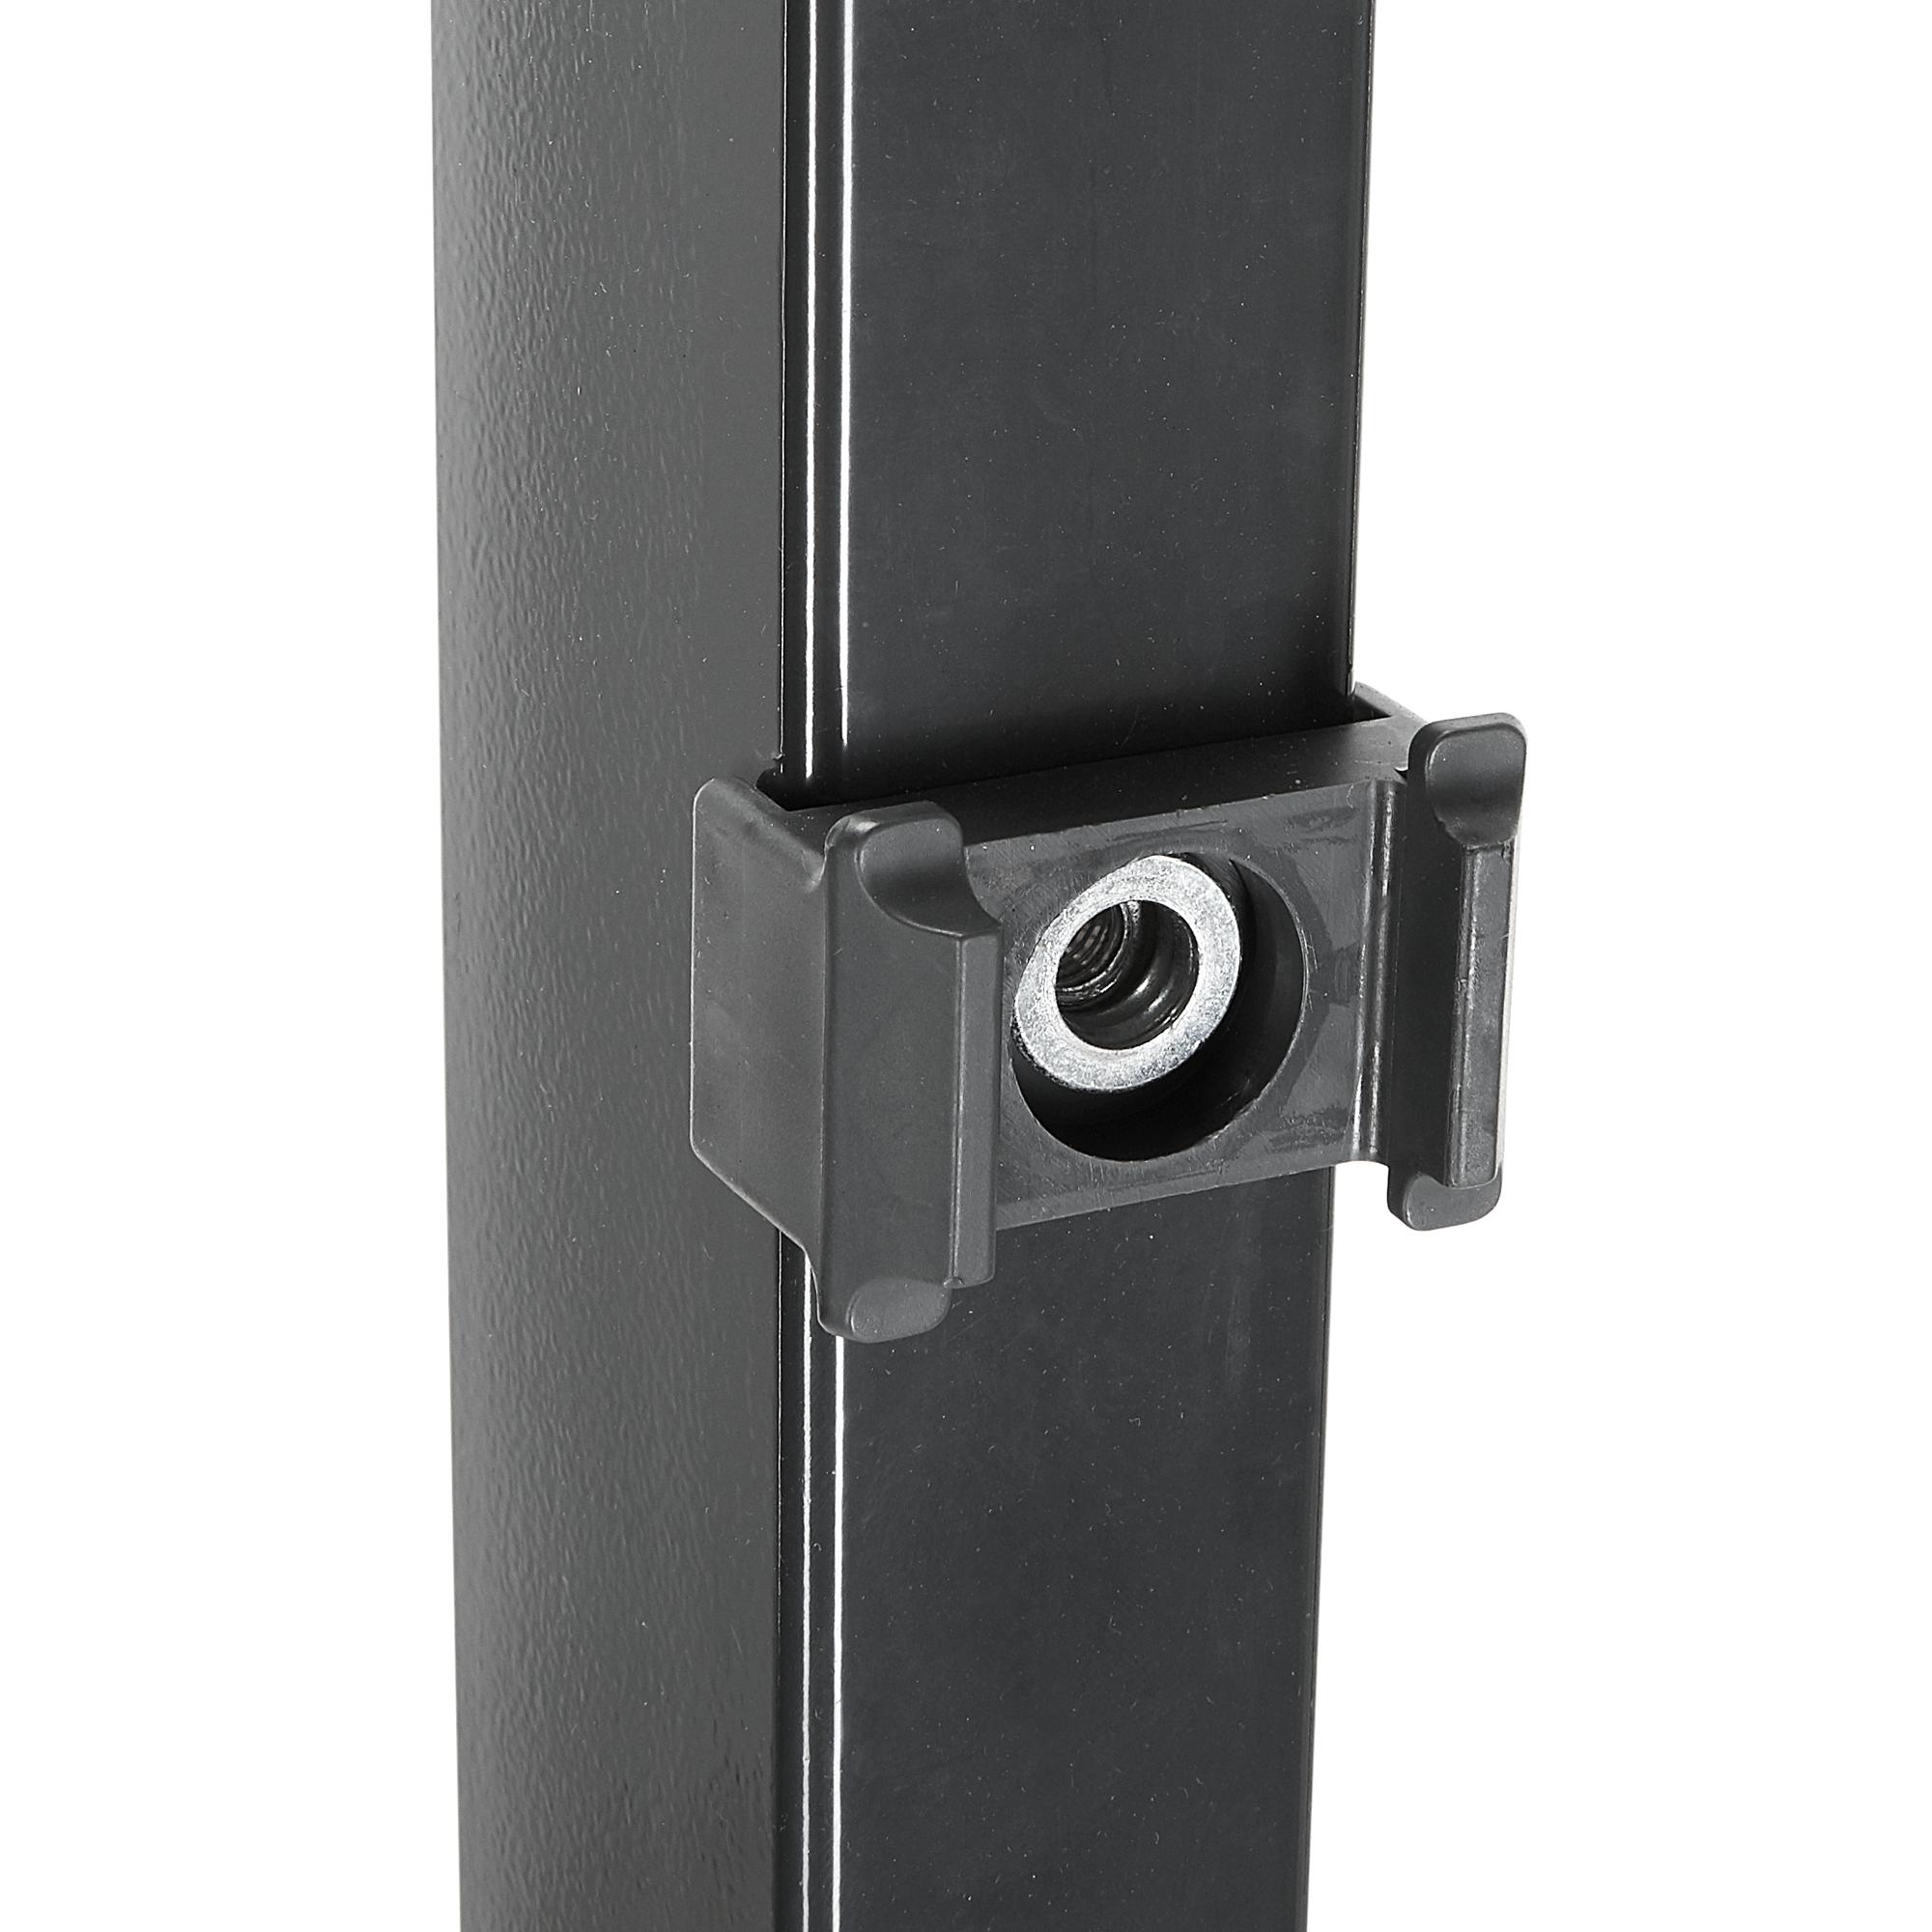 Pfosten Doppelstabmattenzaun Anthrazit 4 X 170 X 6 Cm ǀ Toom Baumarkt